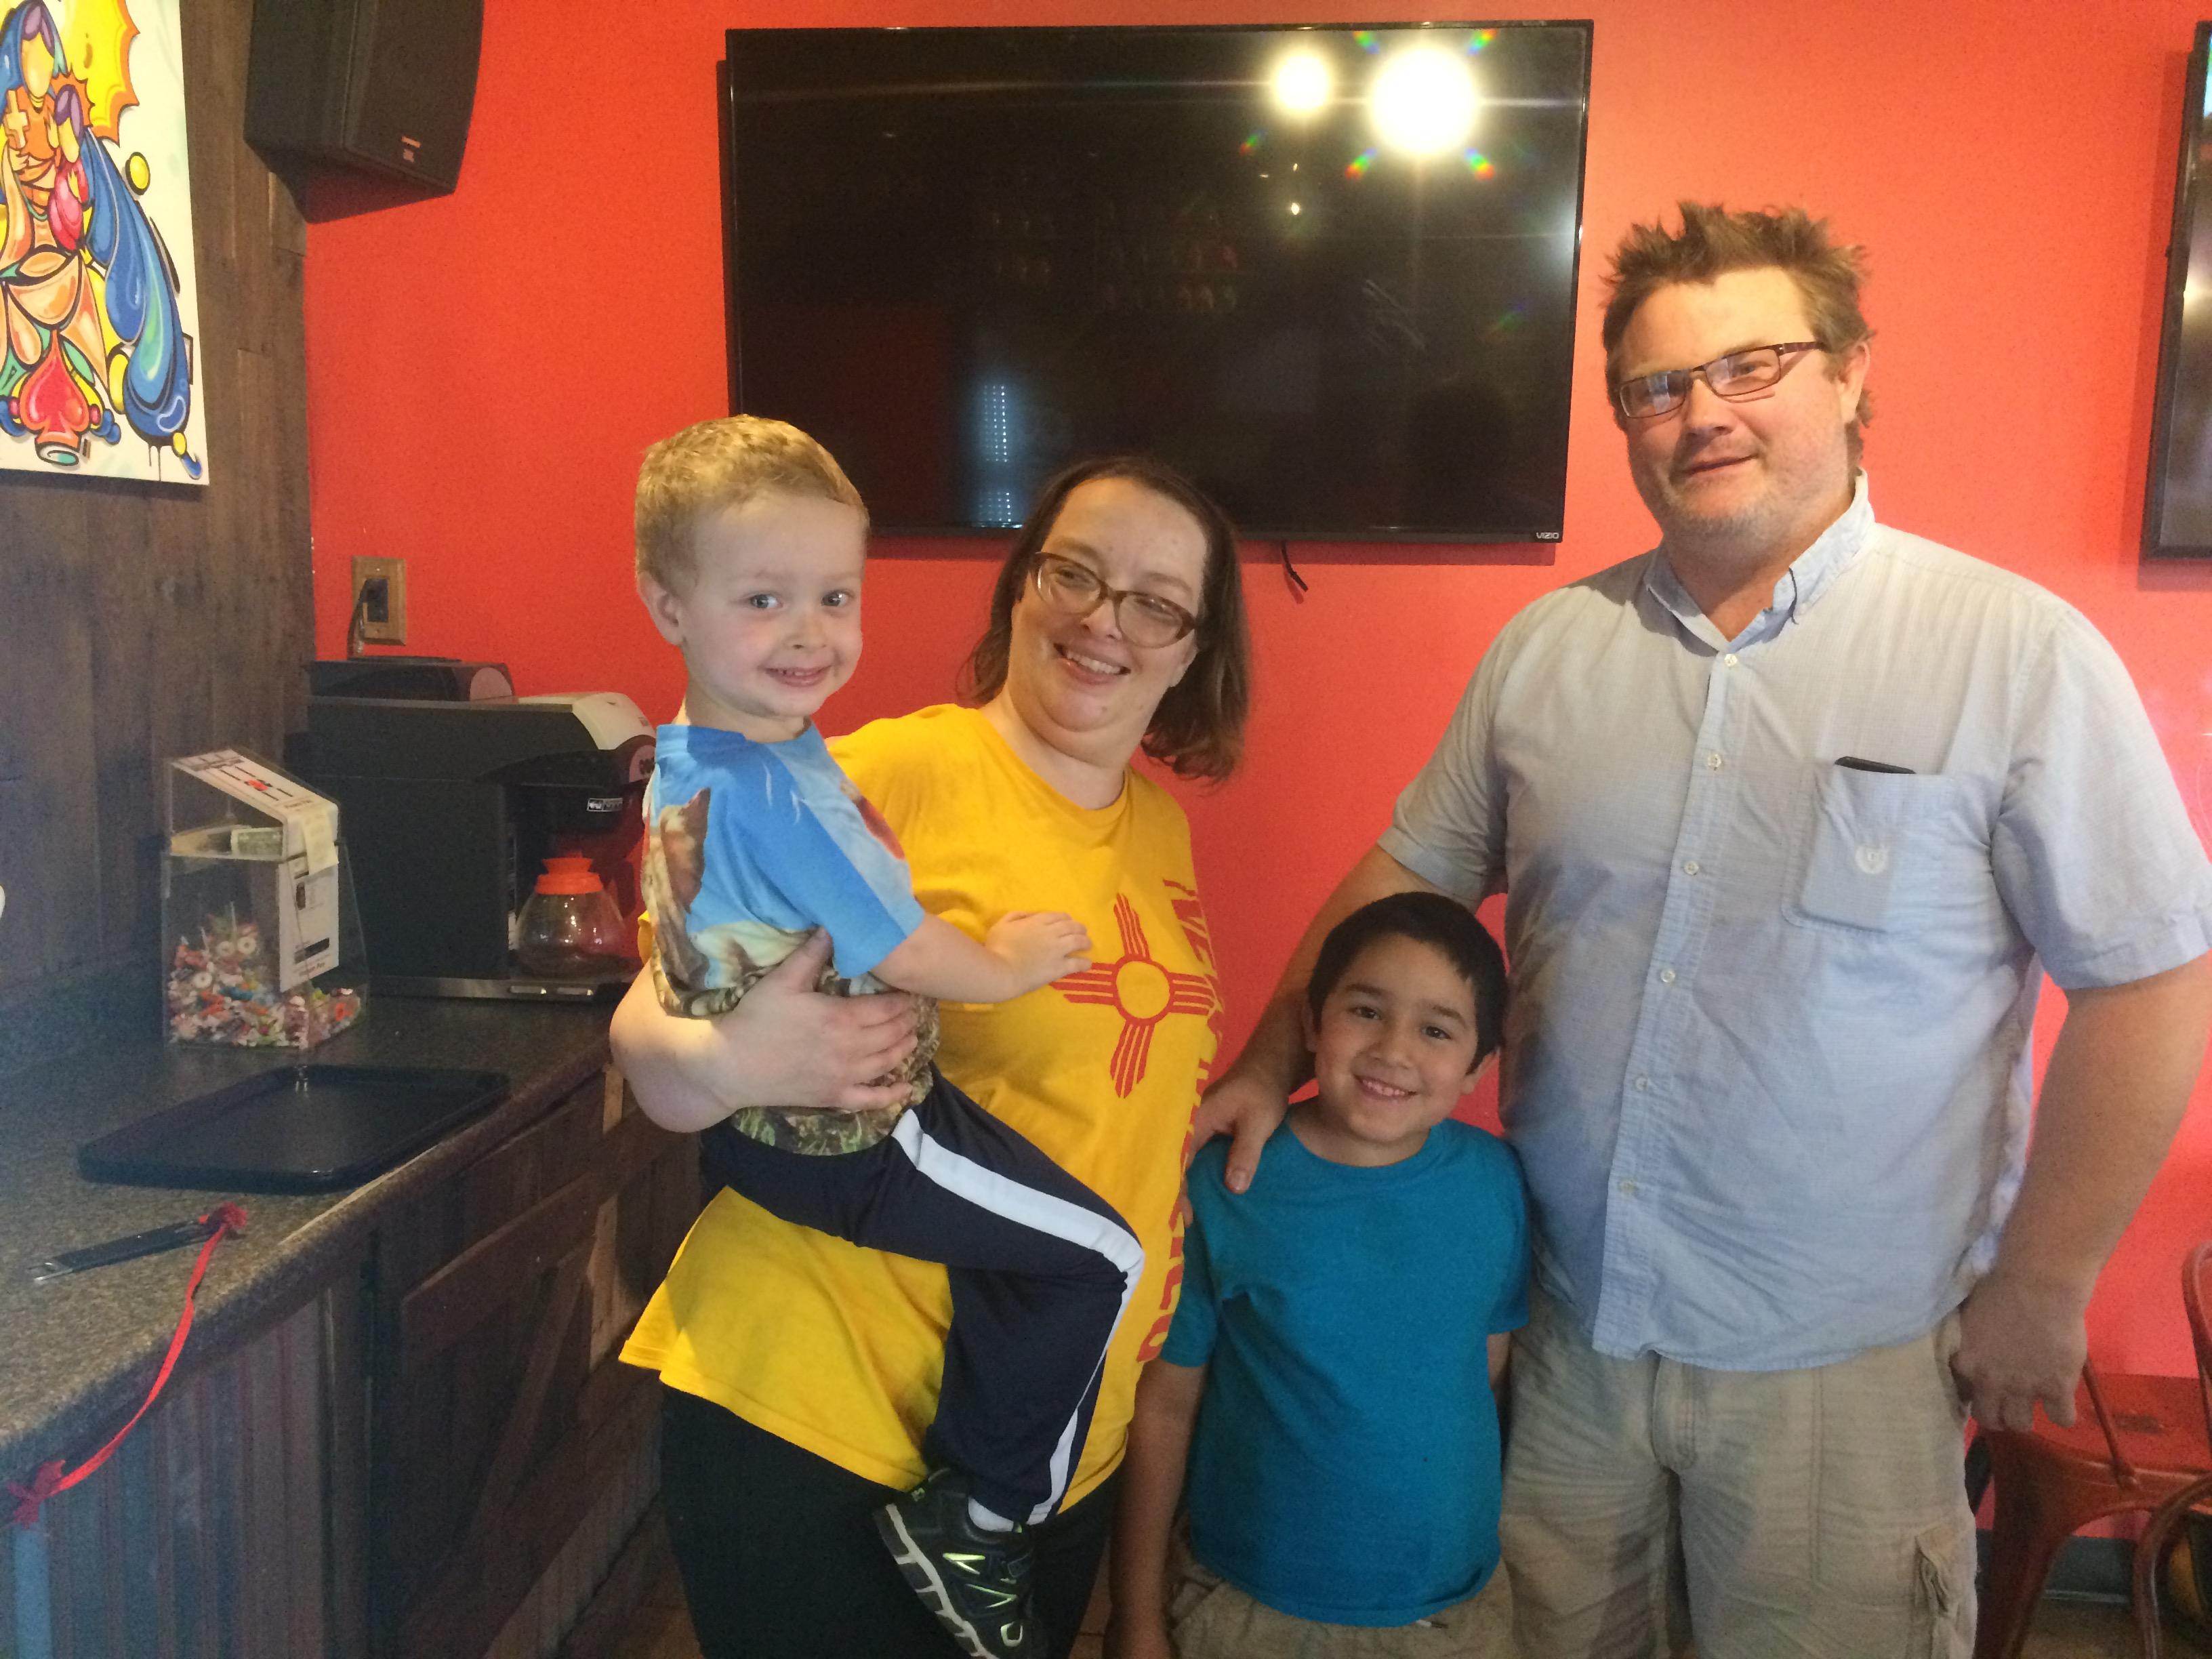 Family at Bandido's FoodRaiser